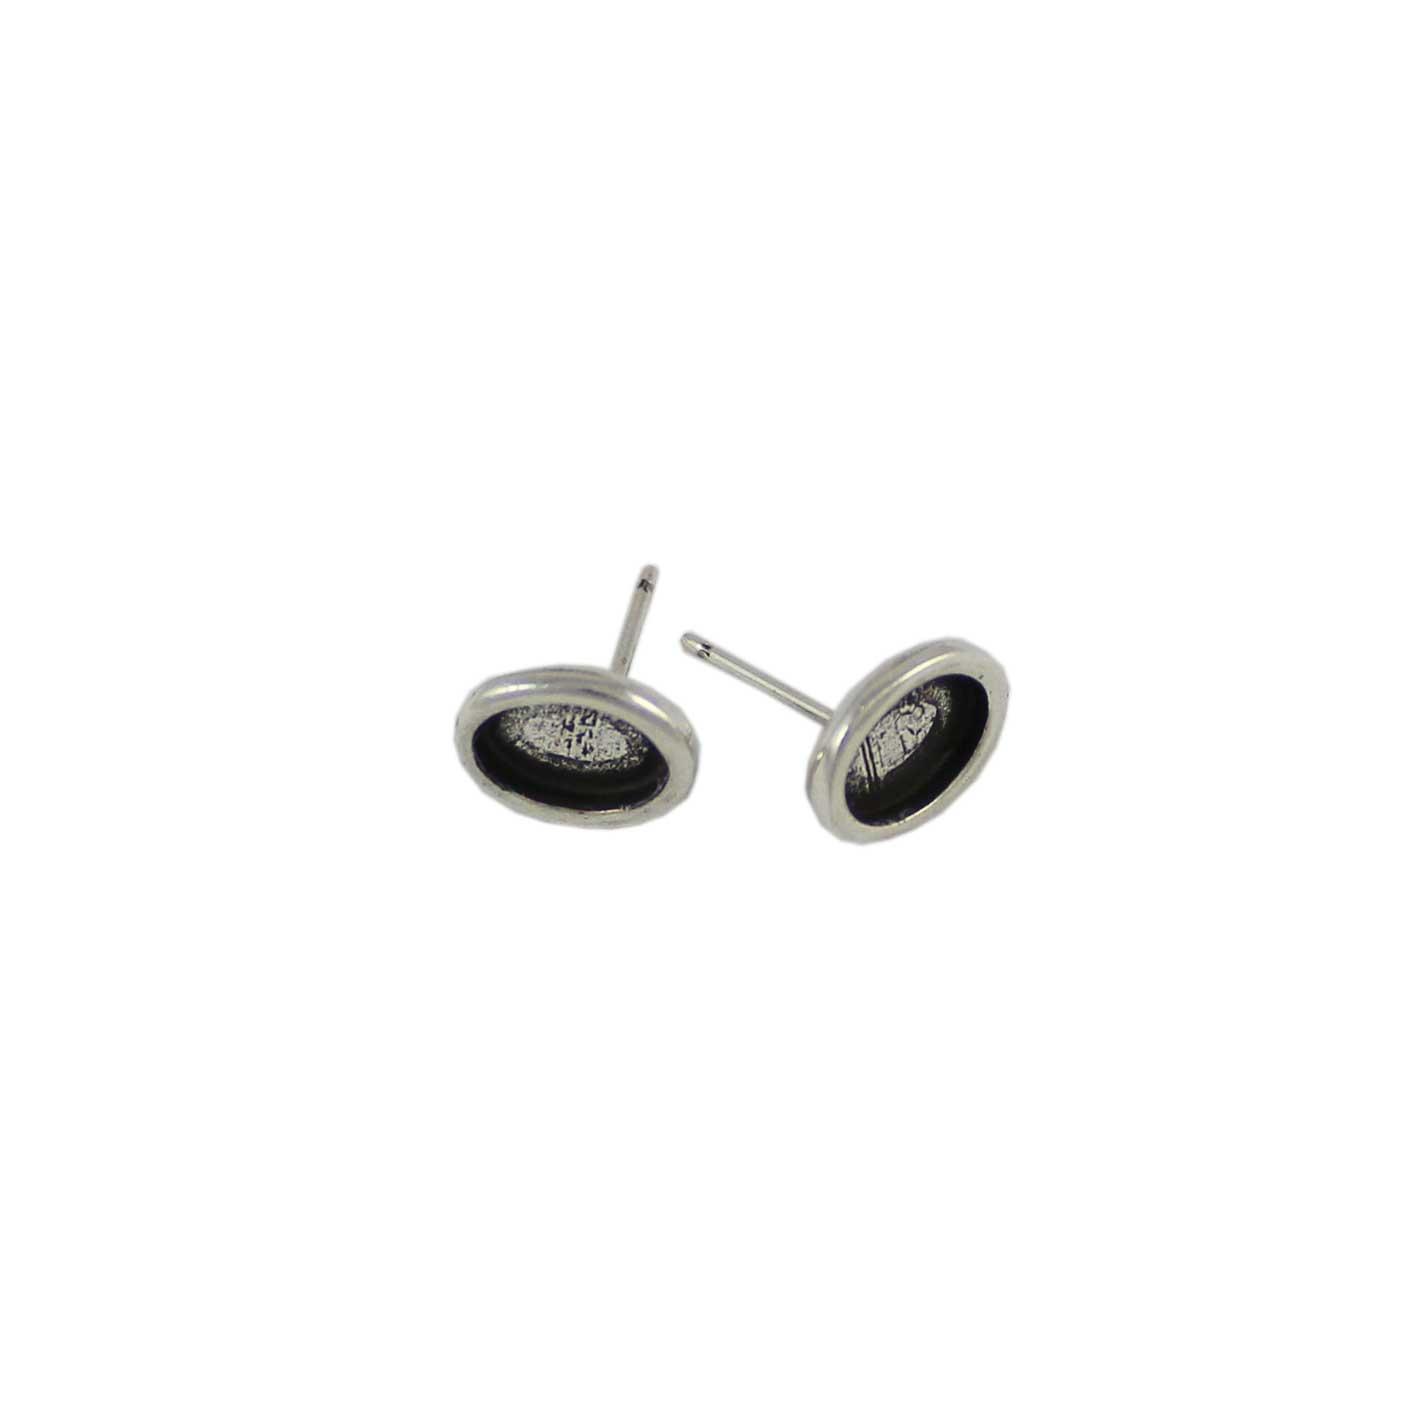 Base pendiente ovalado para cristal de 8X6mm - Bolsa de 30 unidades